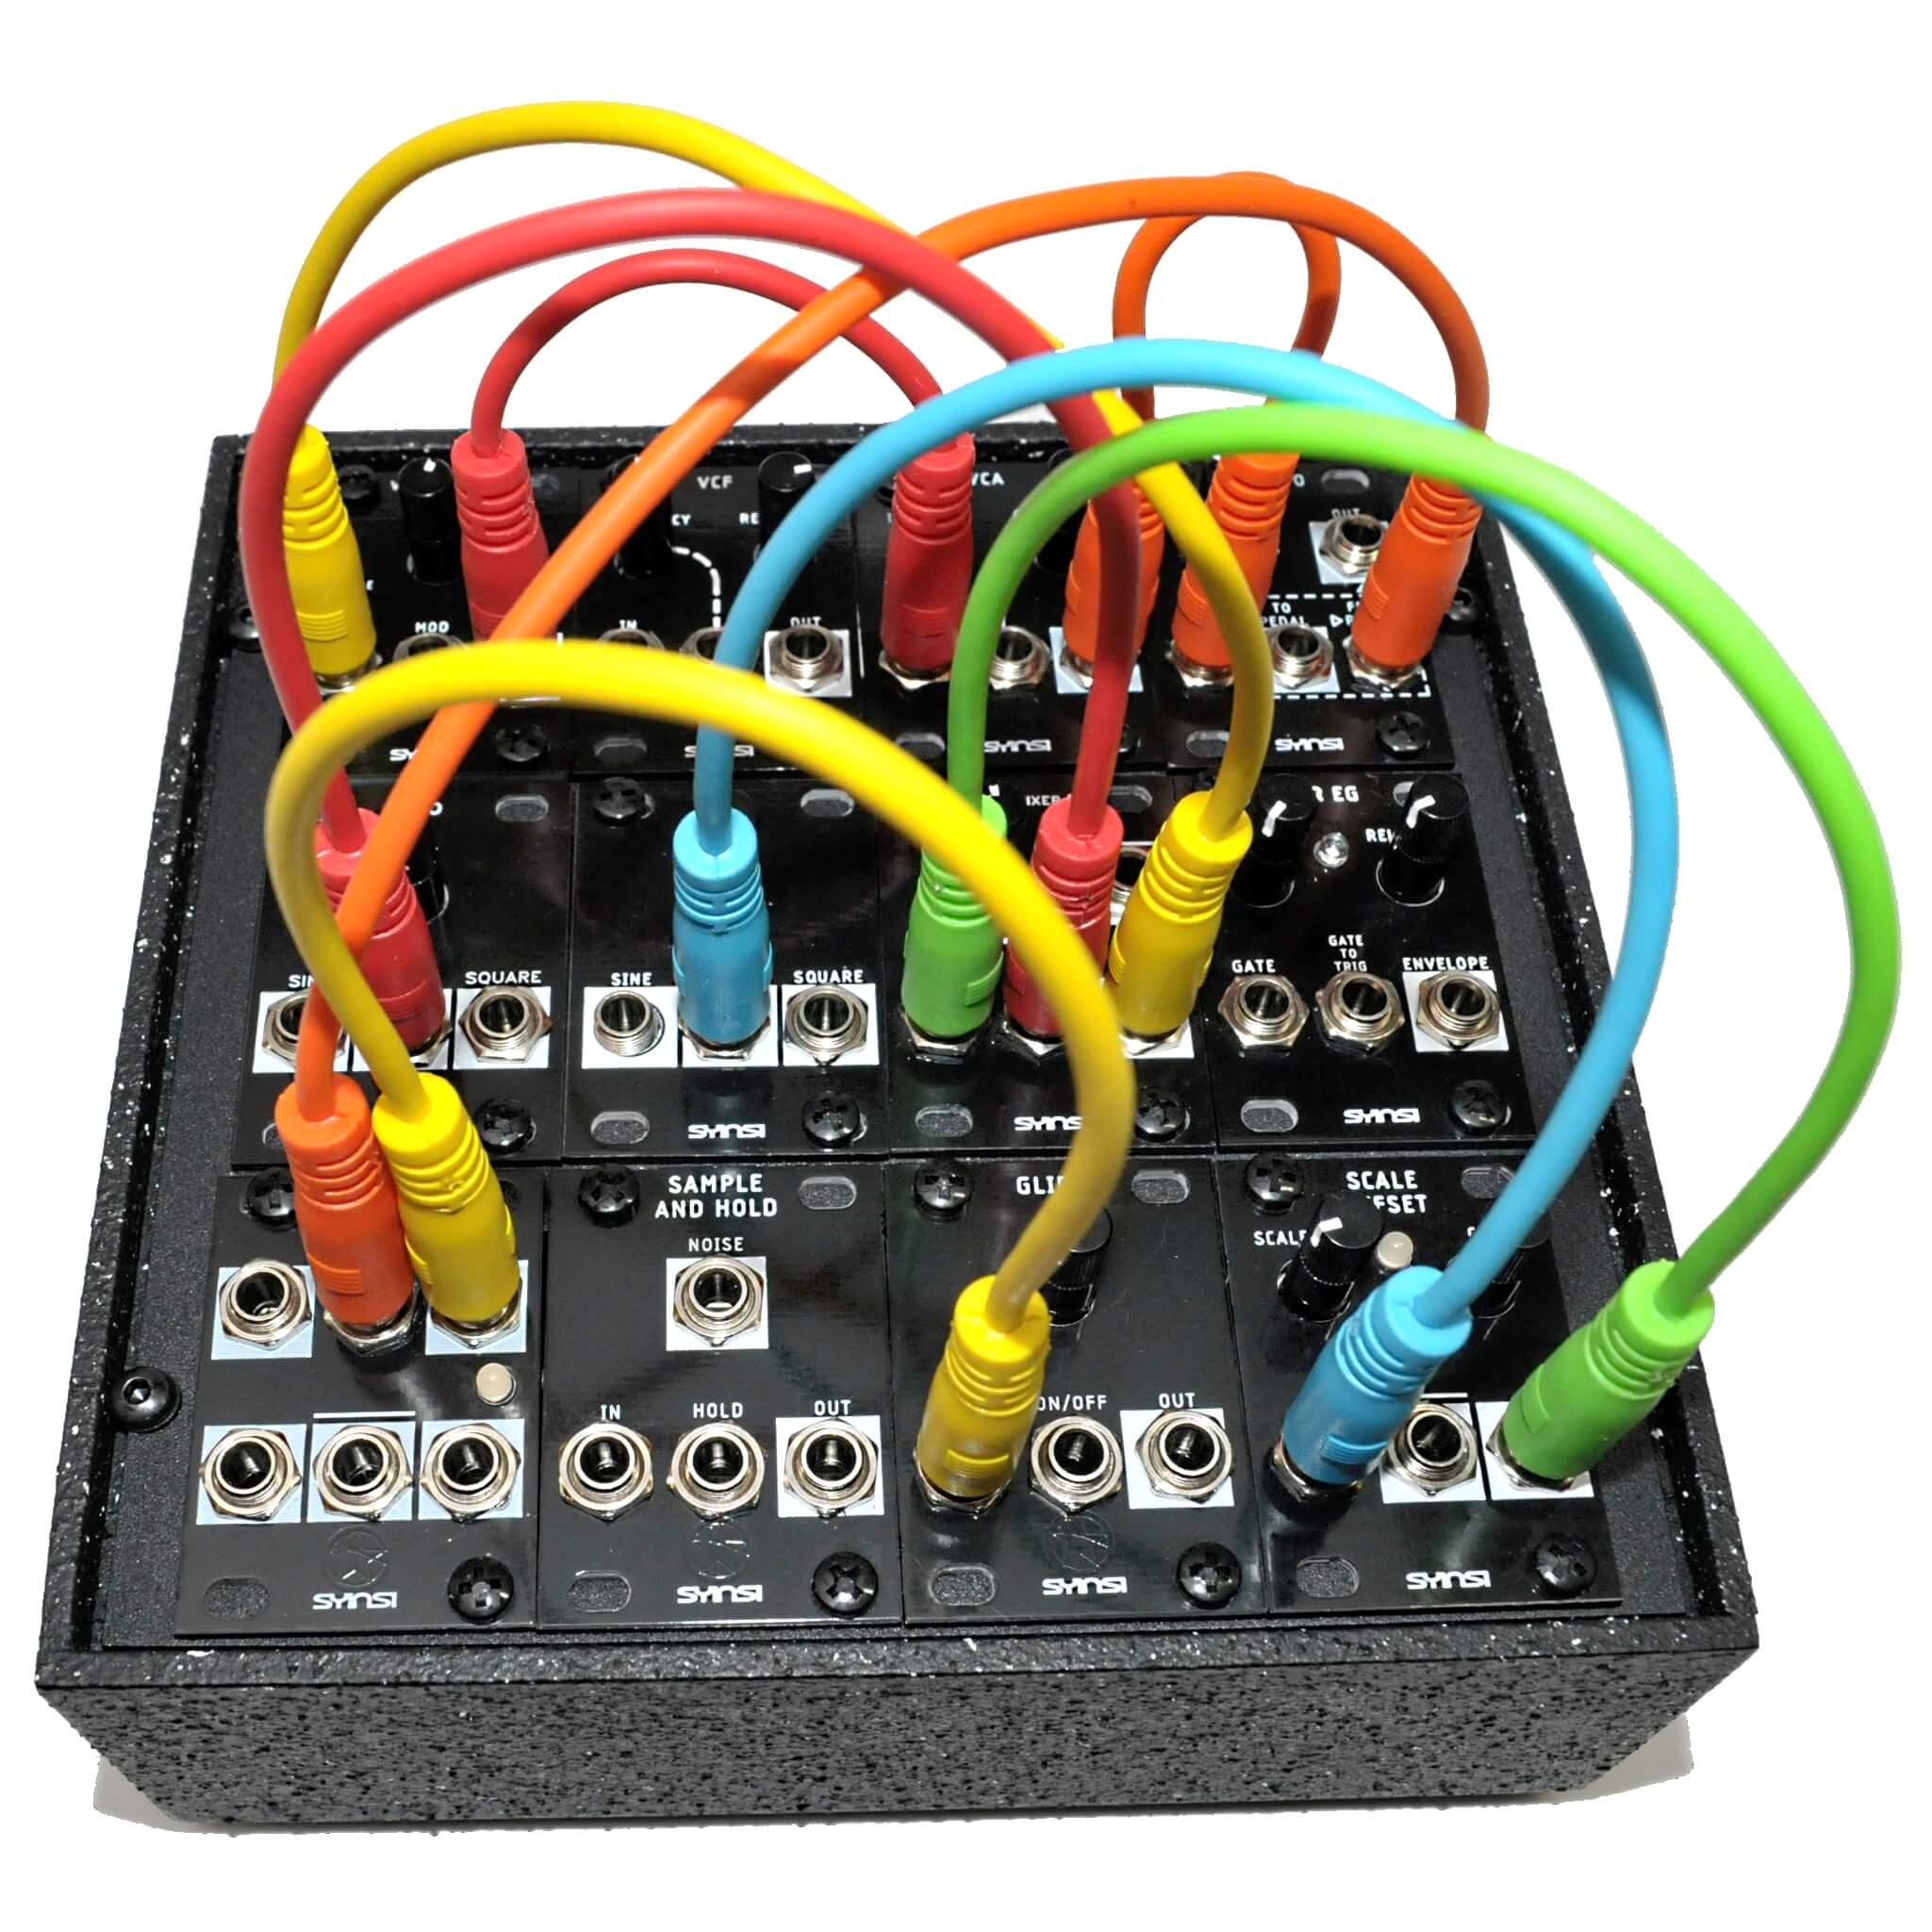 Syinsi's EuroTile expandable modular synthesizer coming to